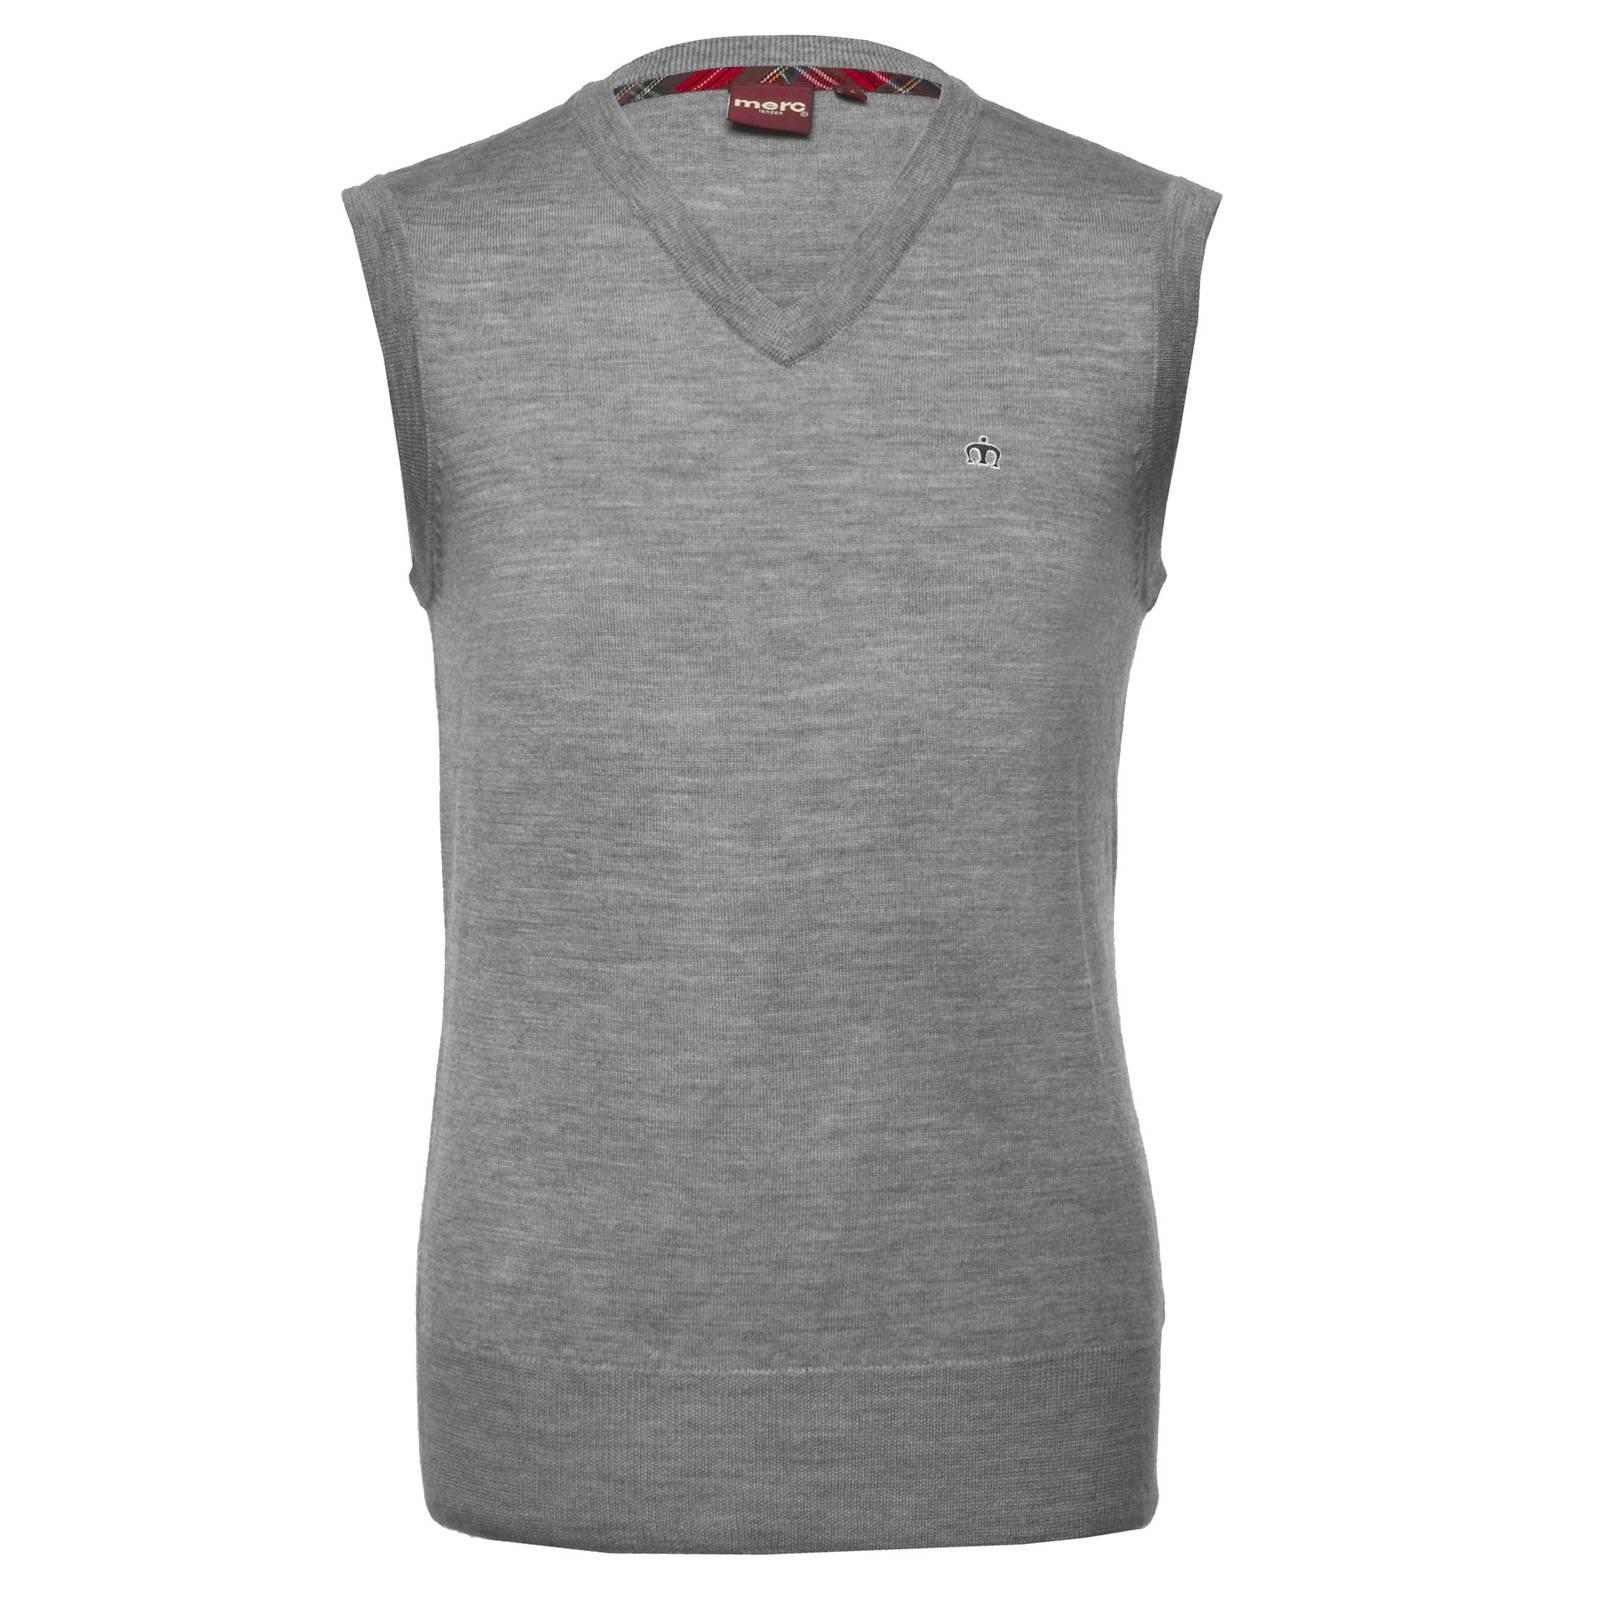 Жилет JenzCORE<br>Классический трикотажный жилет из высококачественной шерстяной пряжи с неглубоким V-образным вырезом - неотъемлемая часть любого casual гардероба как удобная альтернатива пиджаку для сочетания с рубашками разнообразных цветов и фасонов. Брендирован контрастным логотипом &amp;amp;quot;корона&amp;amp;quot; удачно выделяющимся на благородной ткани и в лаконичном дизайне.&amp;lt;br /&amp;gt;<br>&amp;lt;br /&amp;gt;<br>Хорошо садится по фигуре, не теряет форму, стирается в автоматическом режиме. Принадлежит к всесезонной базовой линии &amp;amp;quot;Core&amp;amp;quot;.<br><br>Артикул: 1606201<br>Материал: 100% шерсть<br>Цвет: серый<br>Пол: Мужской